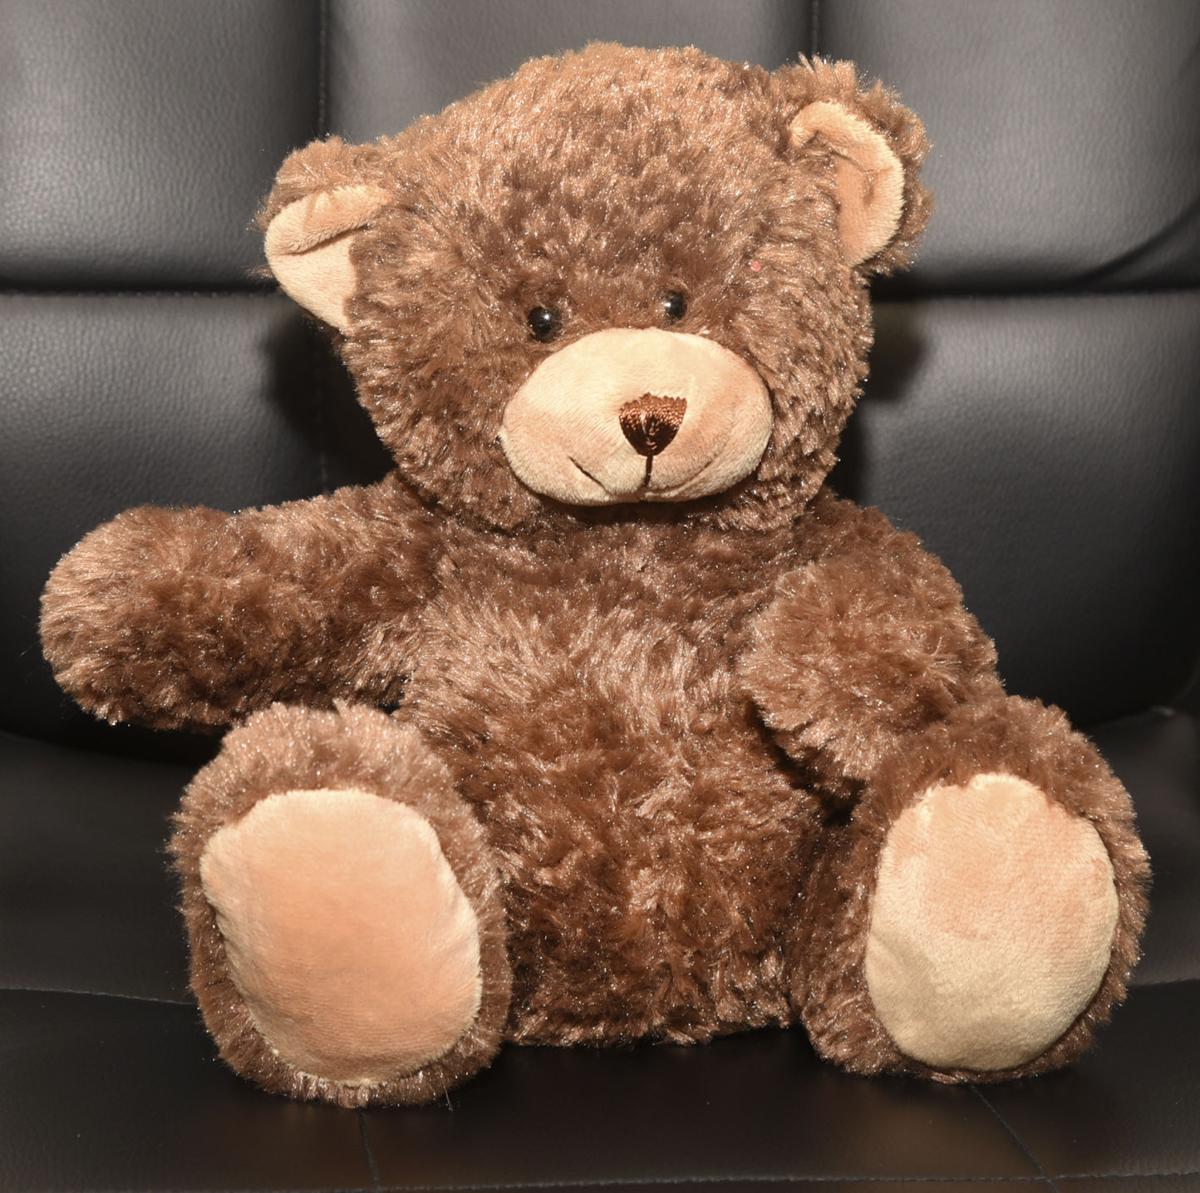 011117_teddy bear 2